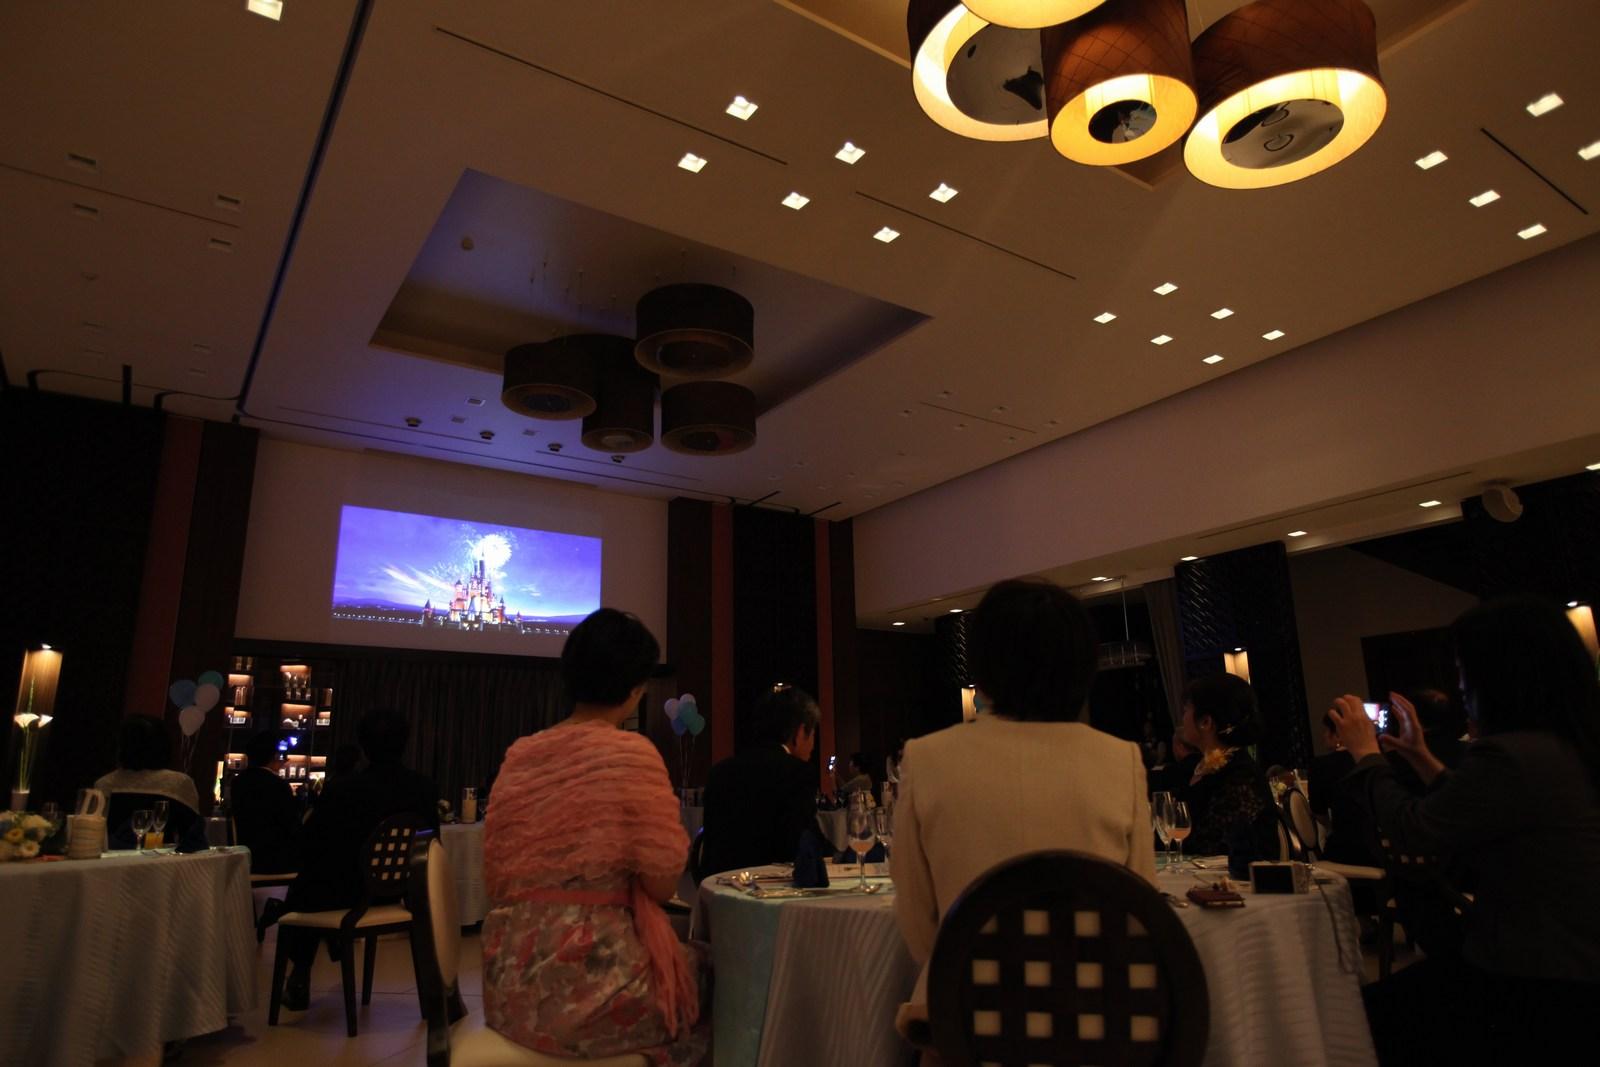 徳島市の結婚式場ブランアンジュの大迫力のスクリーンで楽しむオープニングムービー